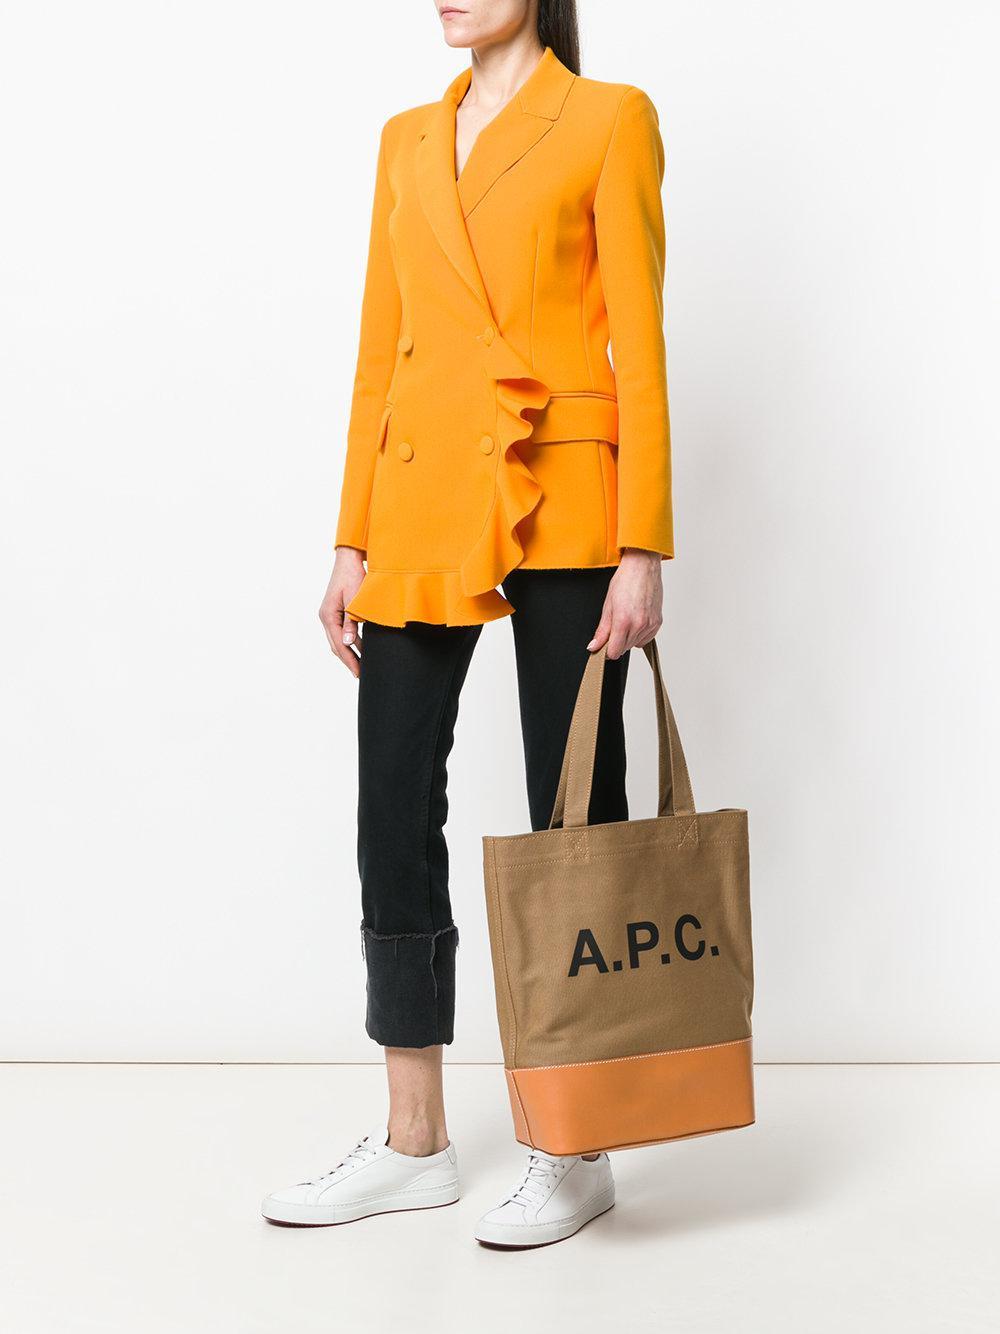 A.P.C. Cotton A.P.C Borsa cabas marrone